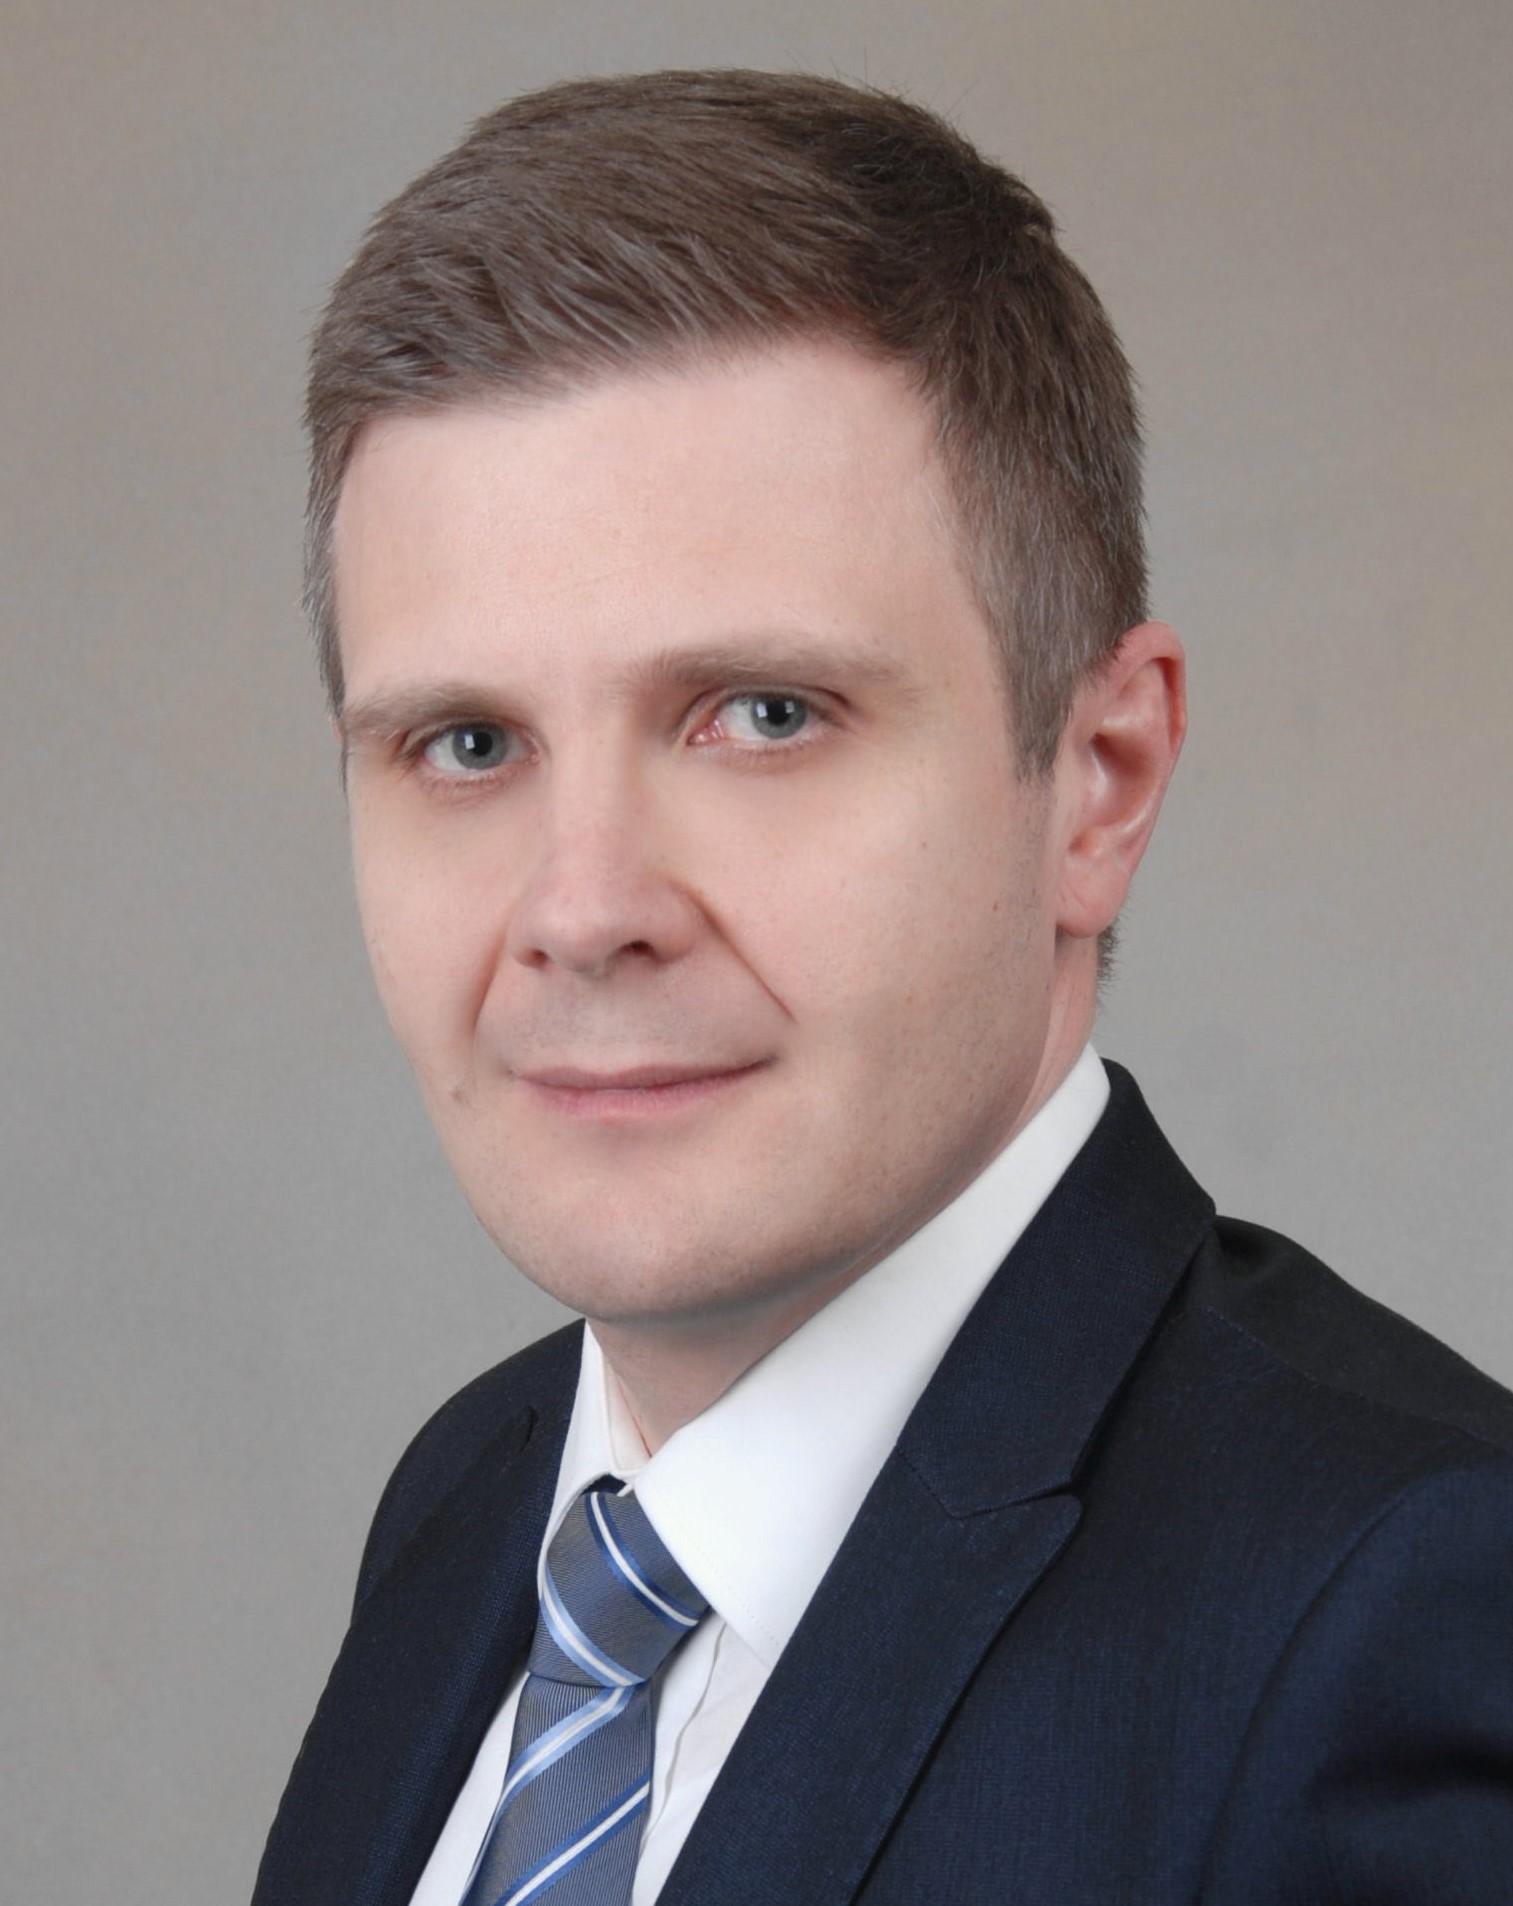 Nowy dyrektor ds. rozwoju organizacji partnerskich w Microsofcie